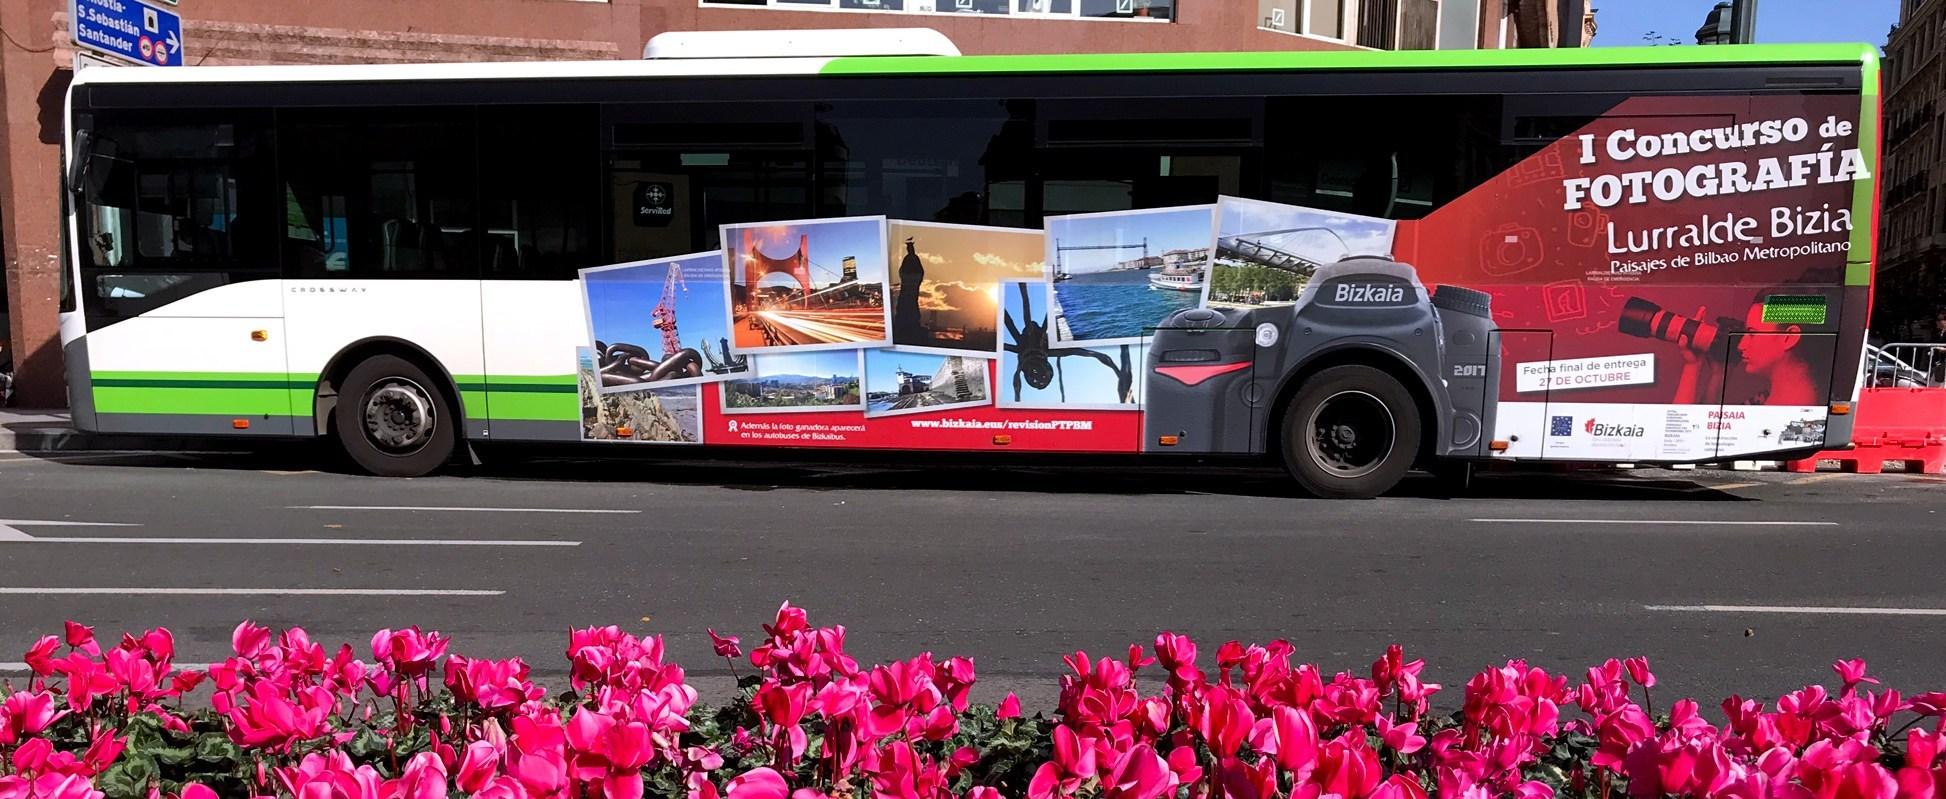 Publicidad Bilbao Autobuses